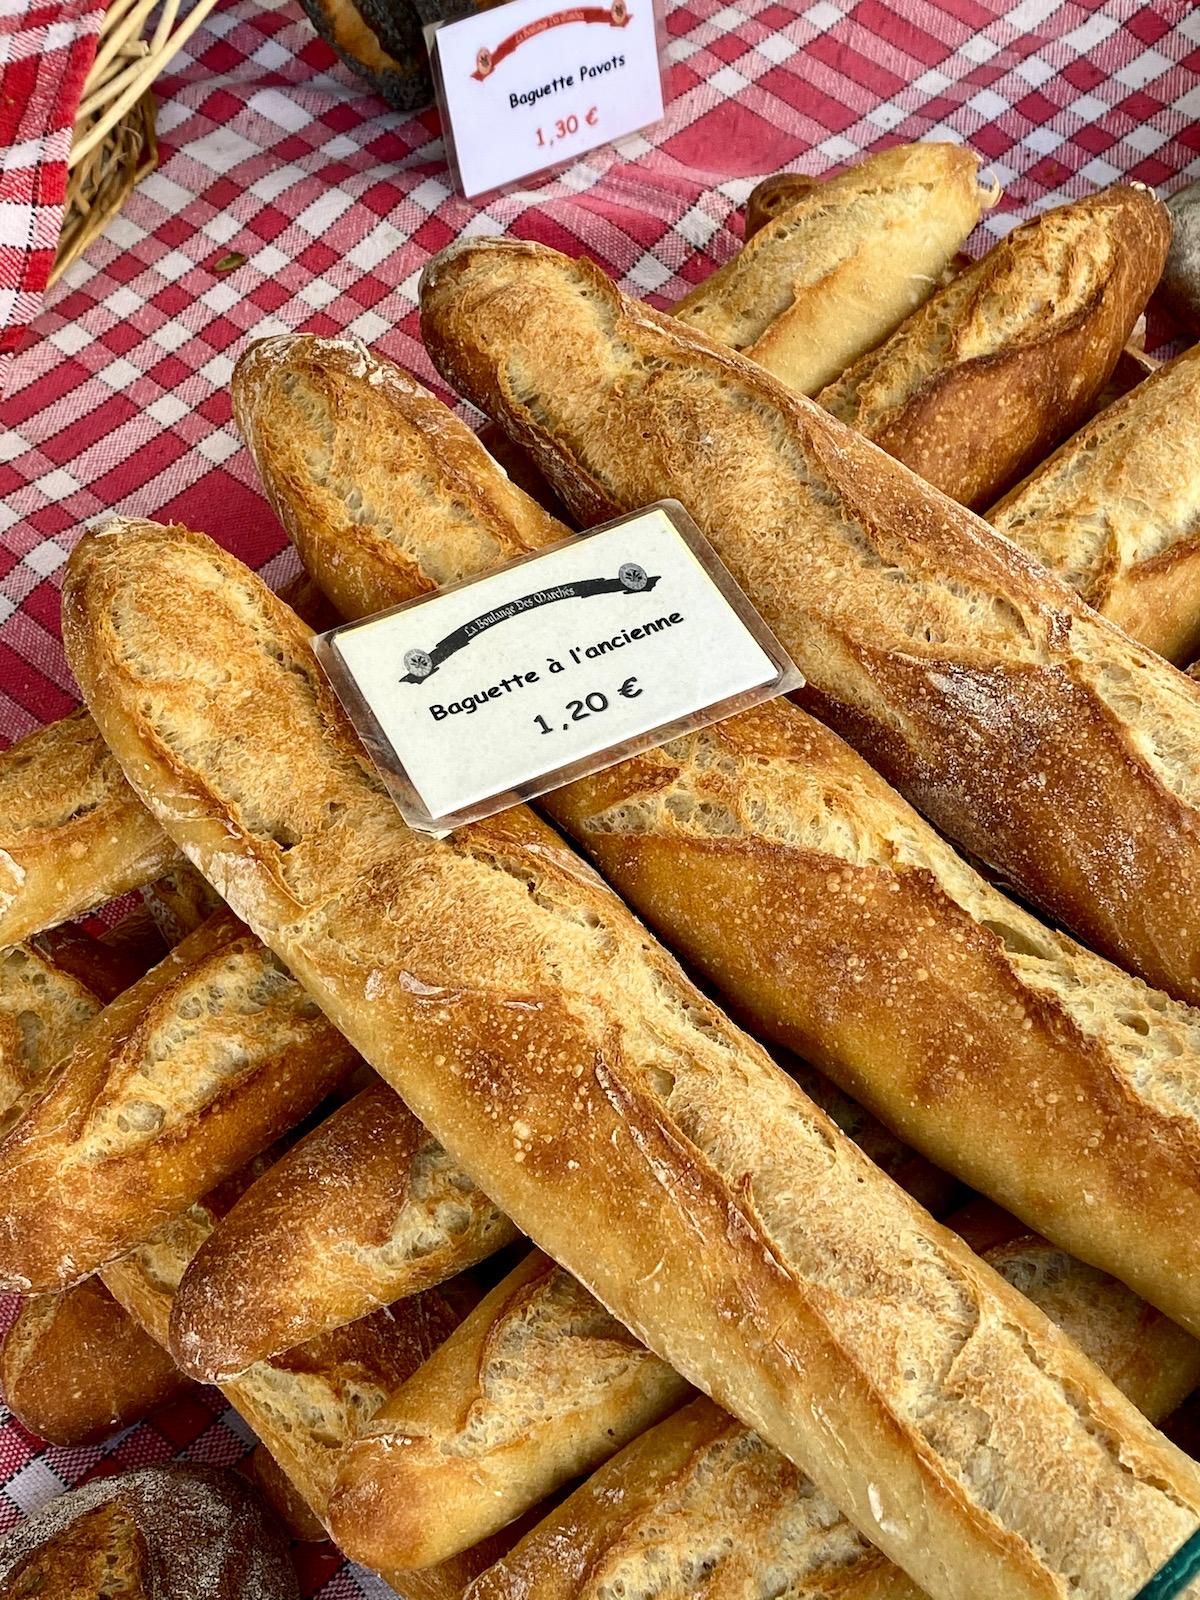 my favorite baguette